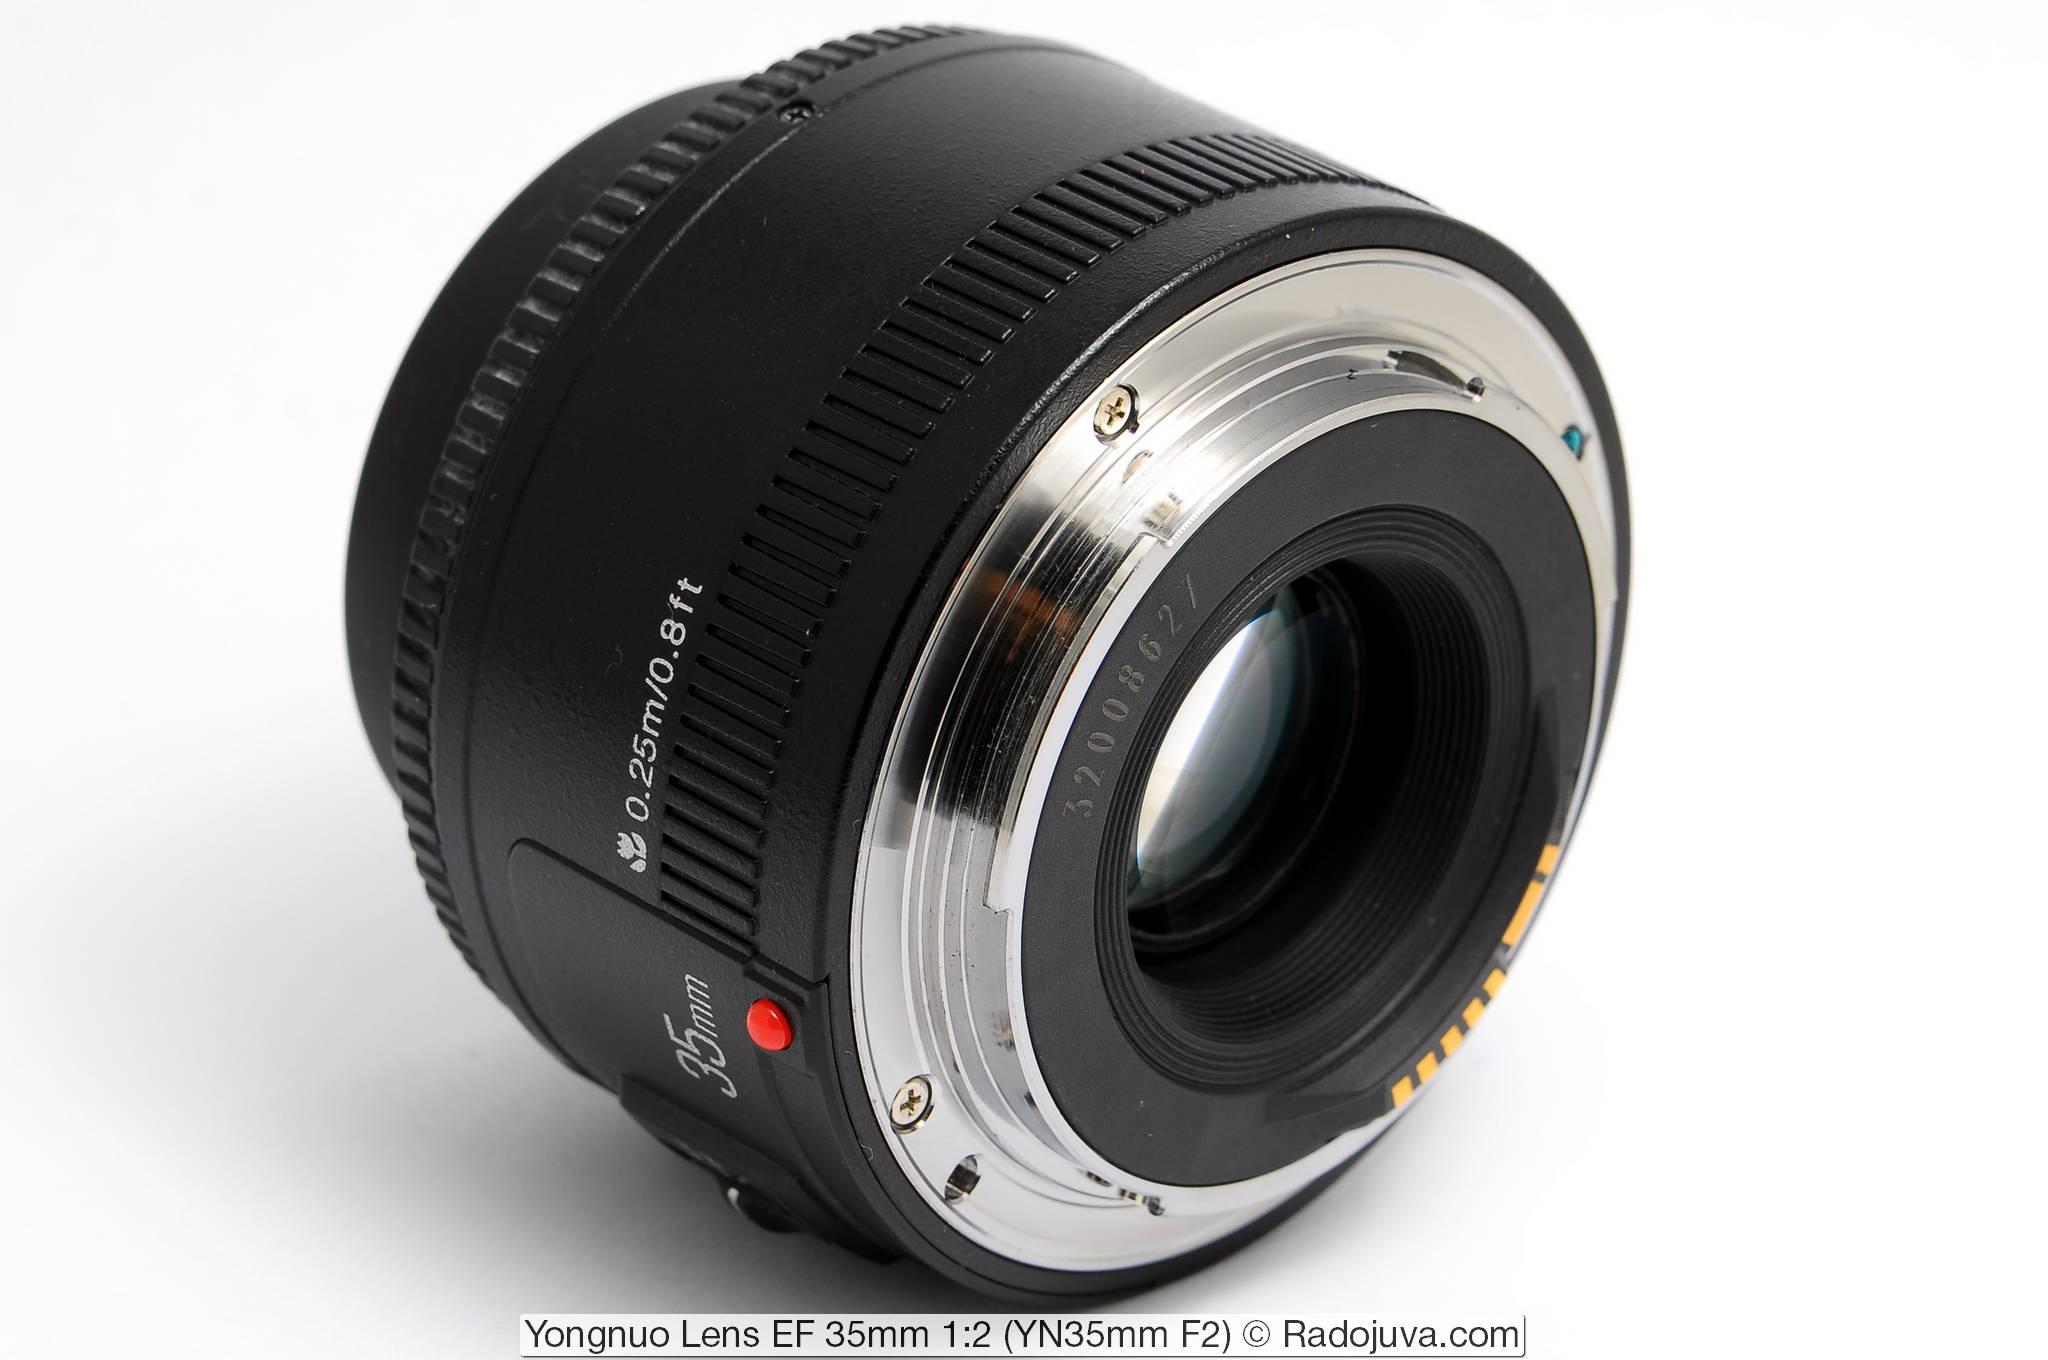 Yongnuo Lens EF 35mm 1:2 (YN35mm F2)